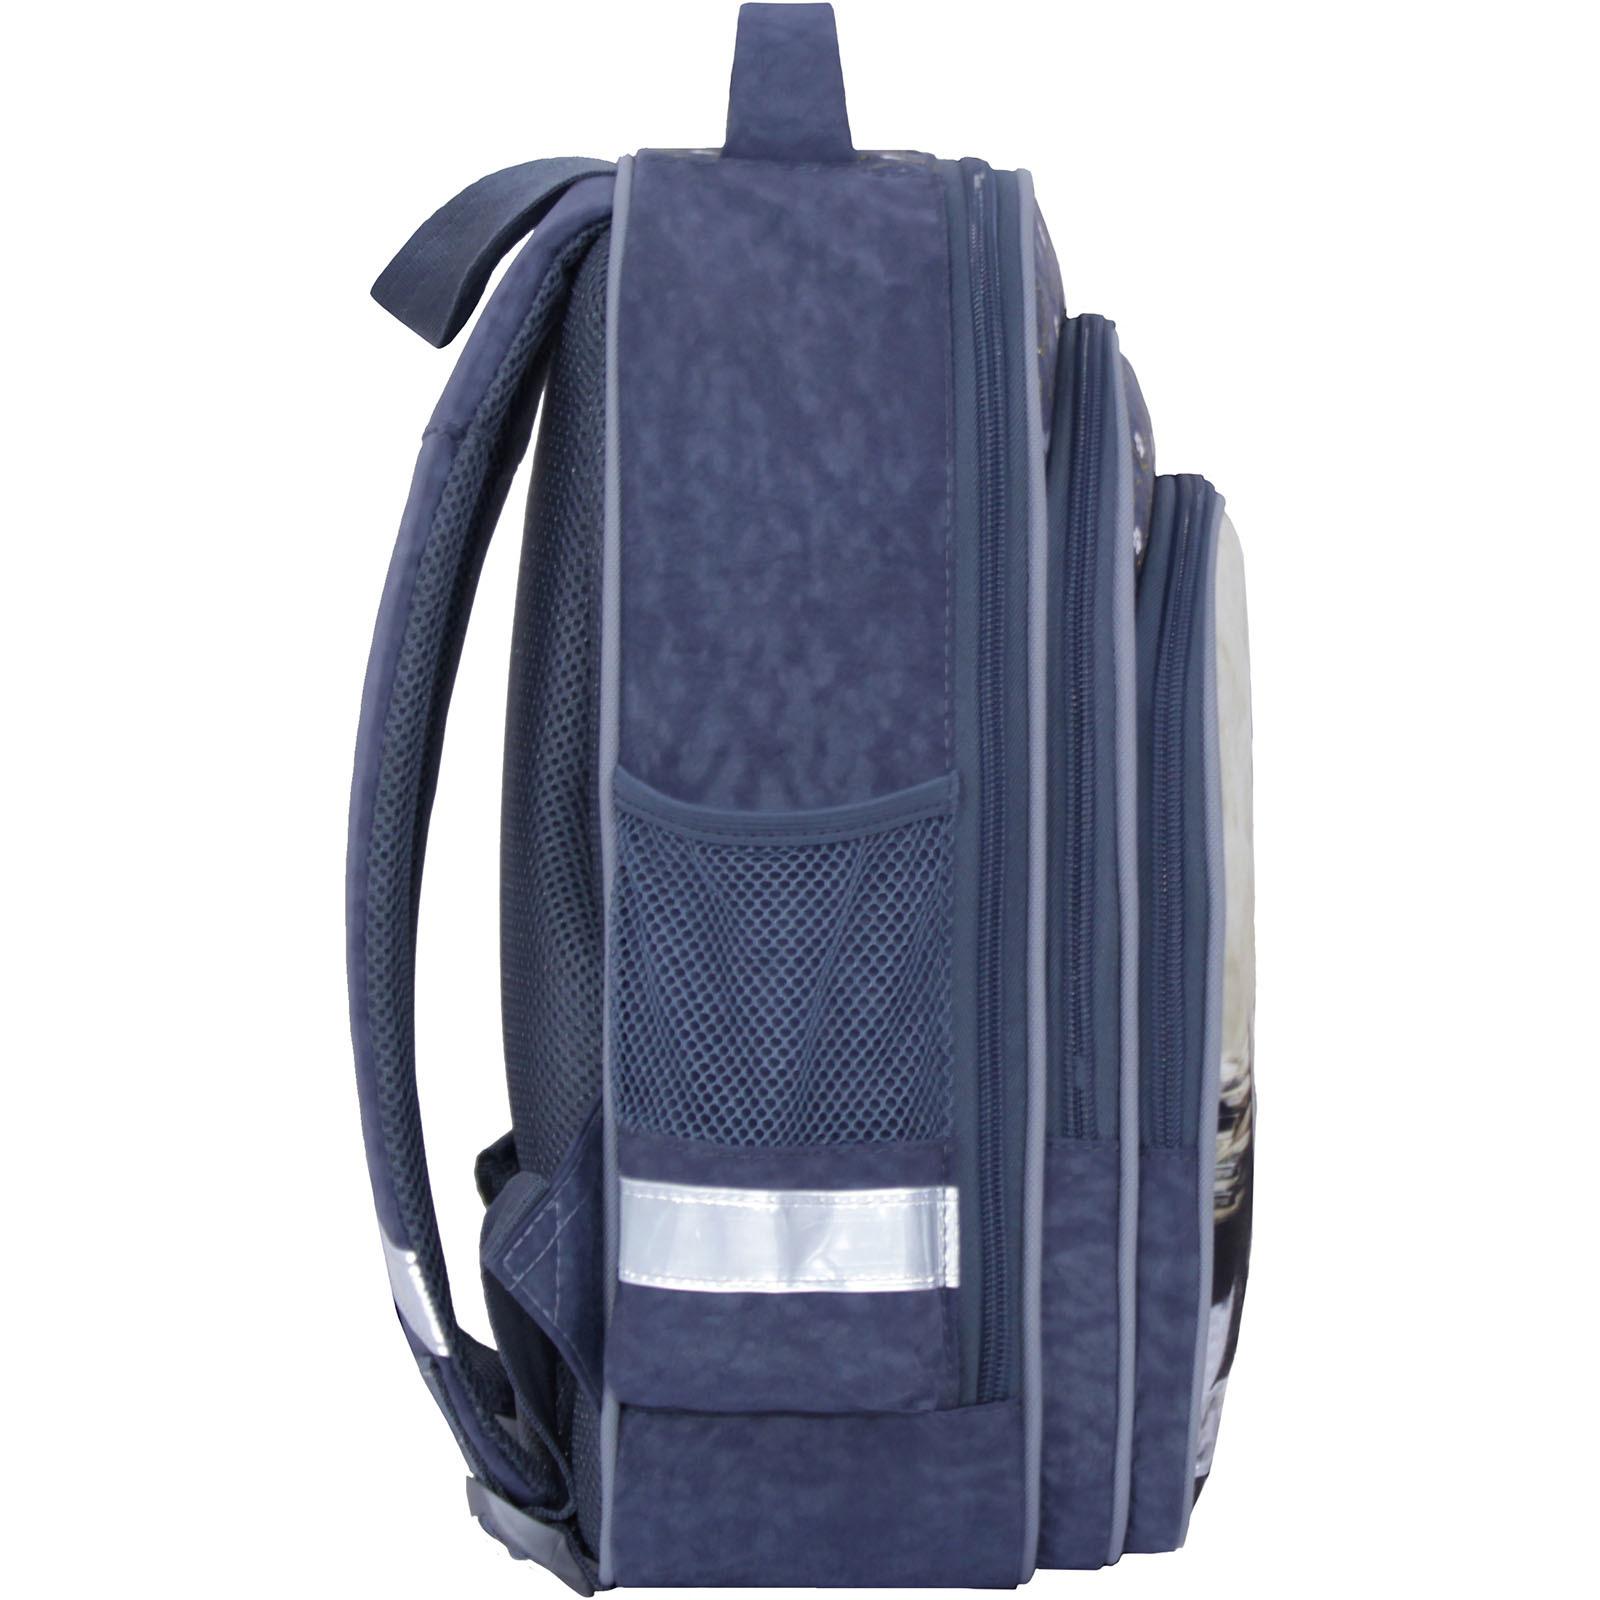 Рюкзак школьный Bagland Mouse 321 серый 165 (0051370) фото 2